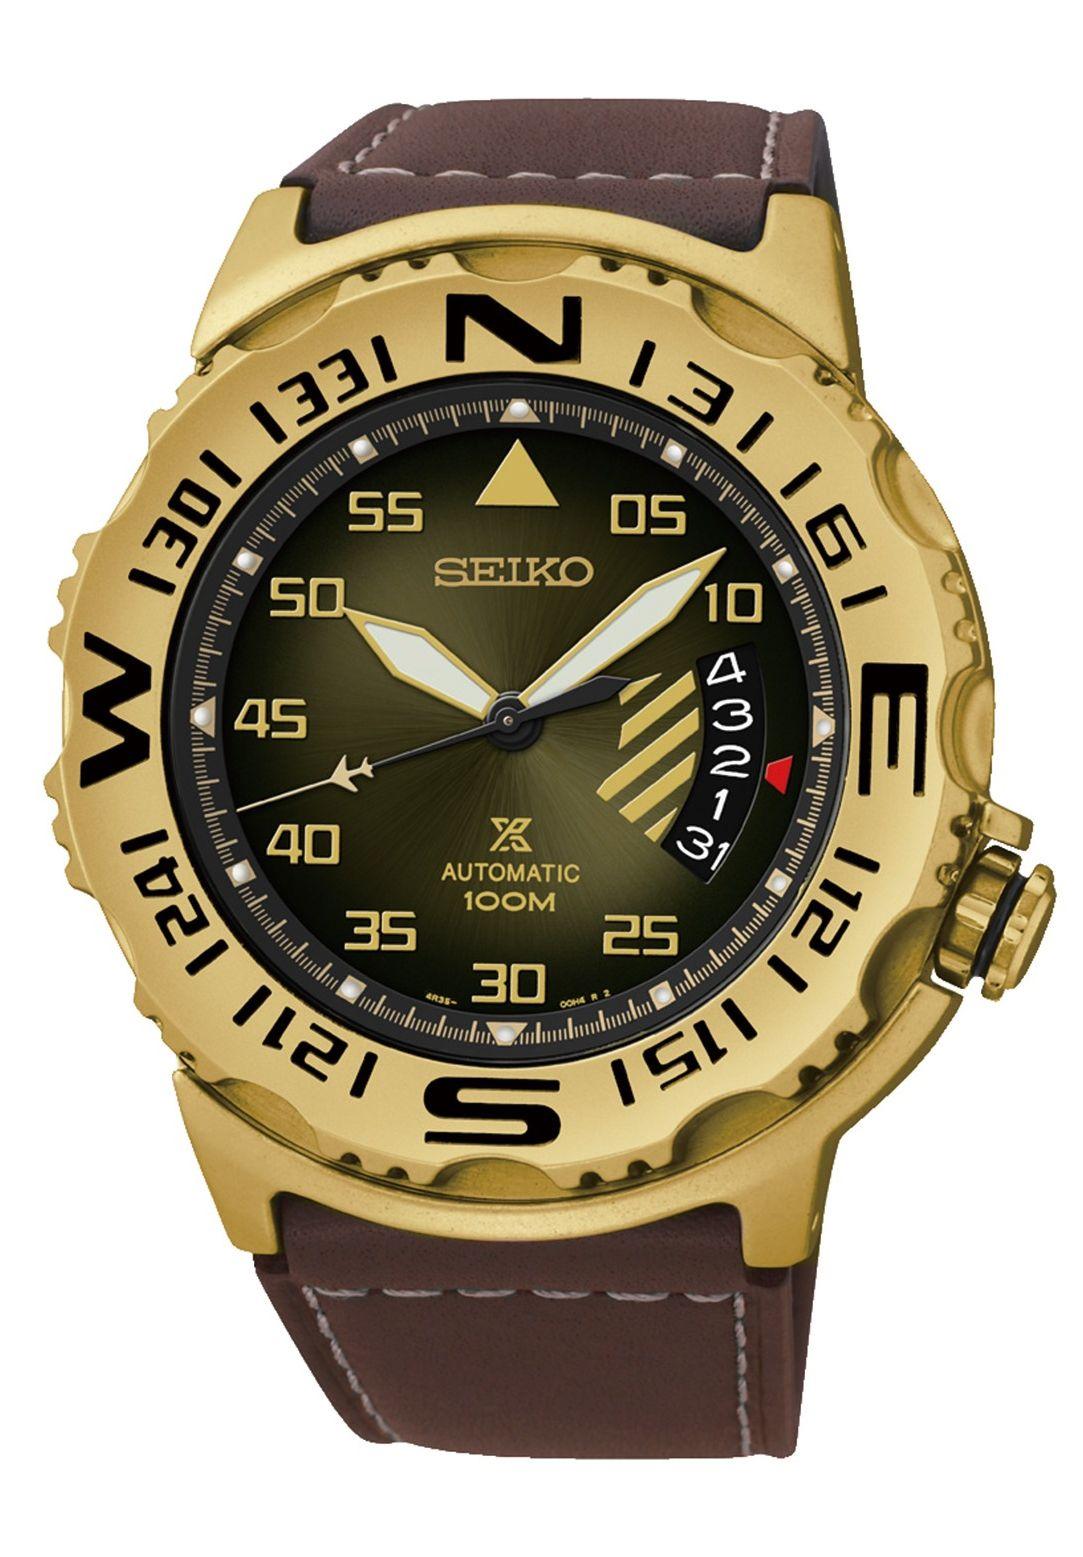 Часы Izh-Time ИжТайм, часовой салон, Ижевск: официальный